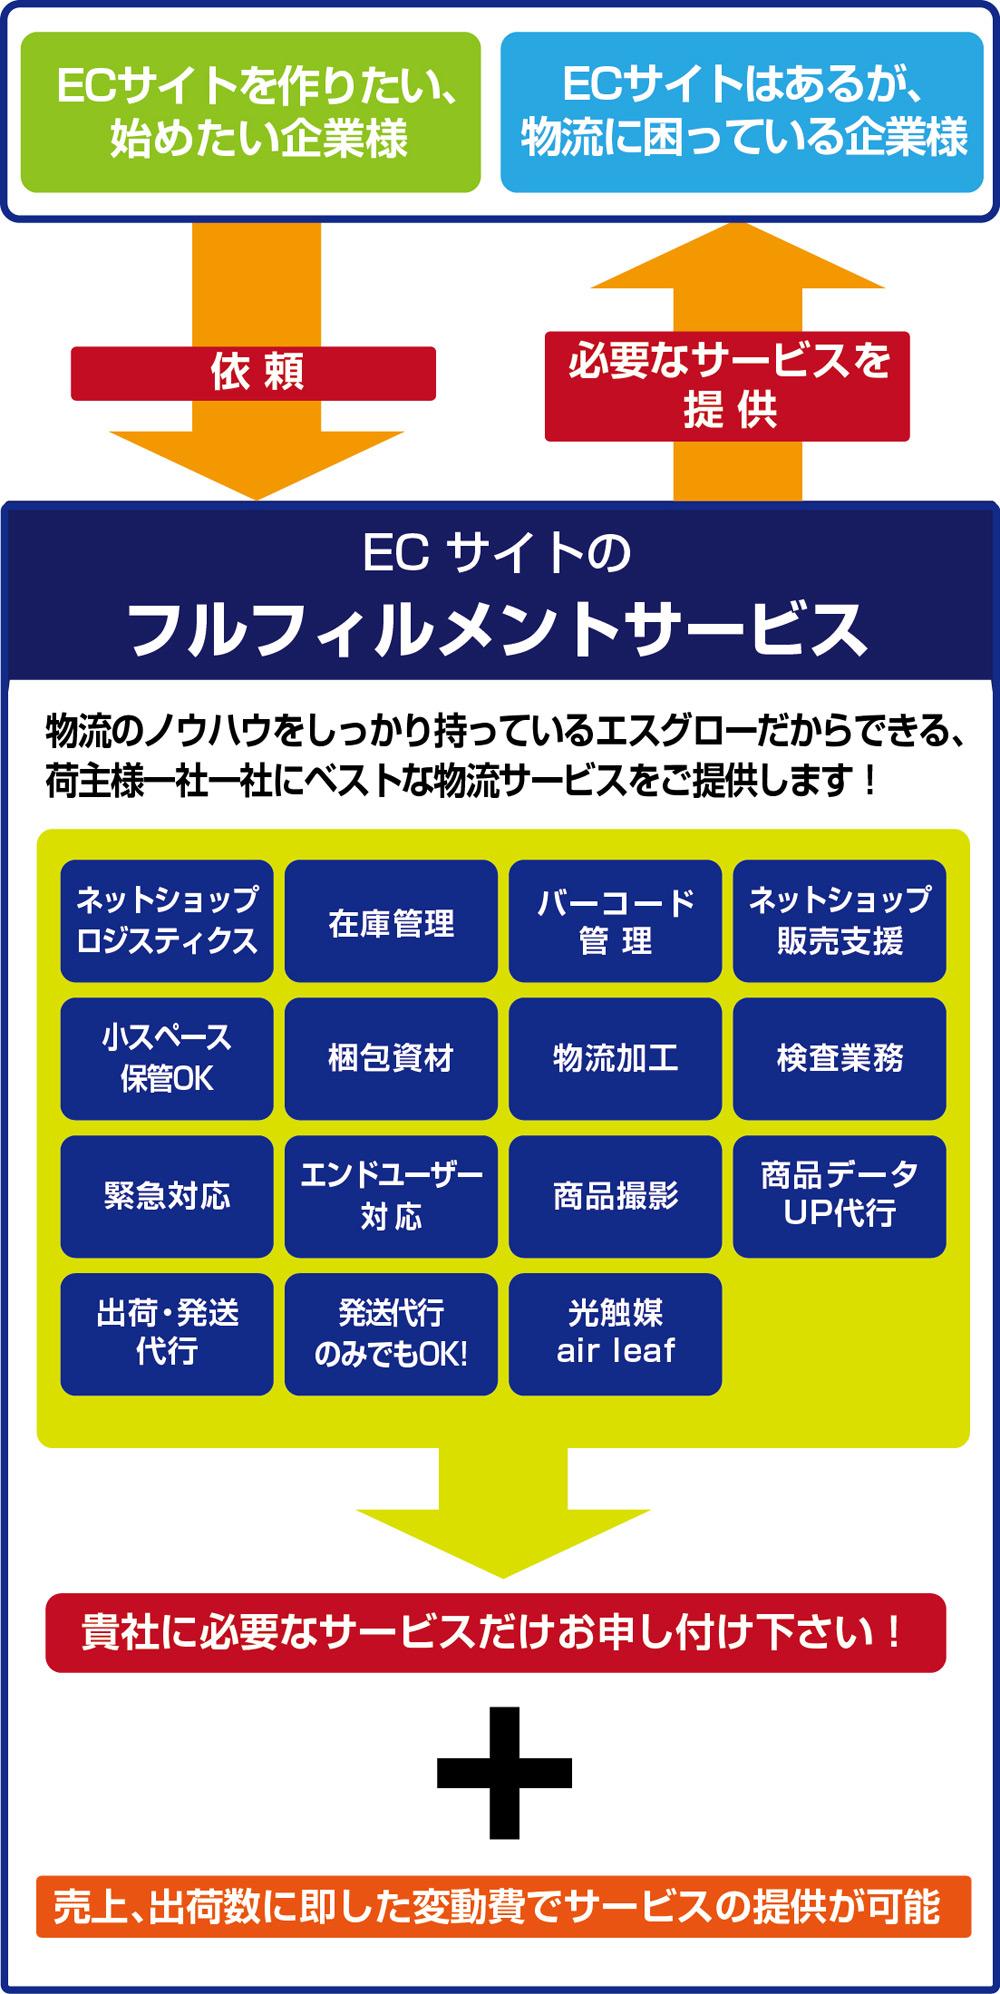 ECサイトのフルフィルメントサービス